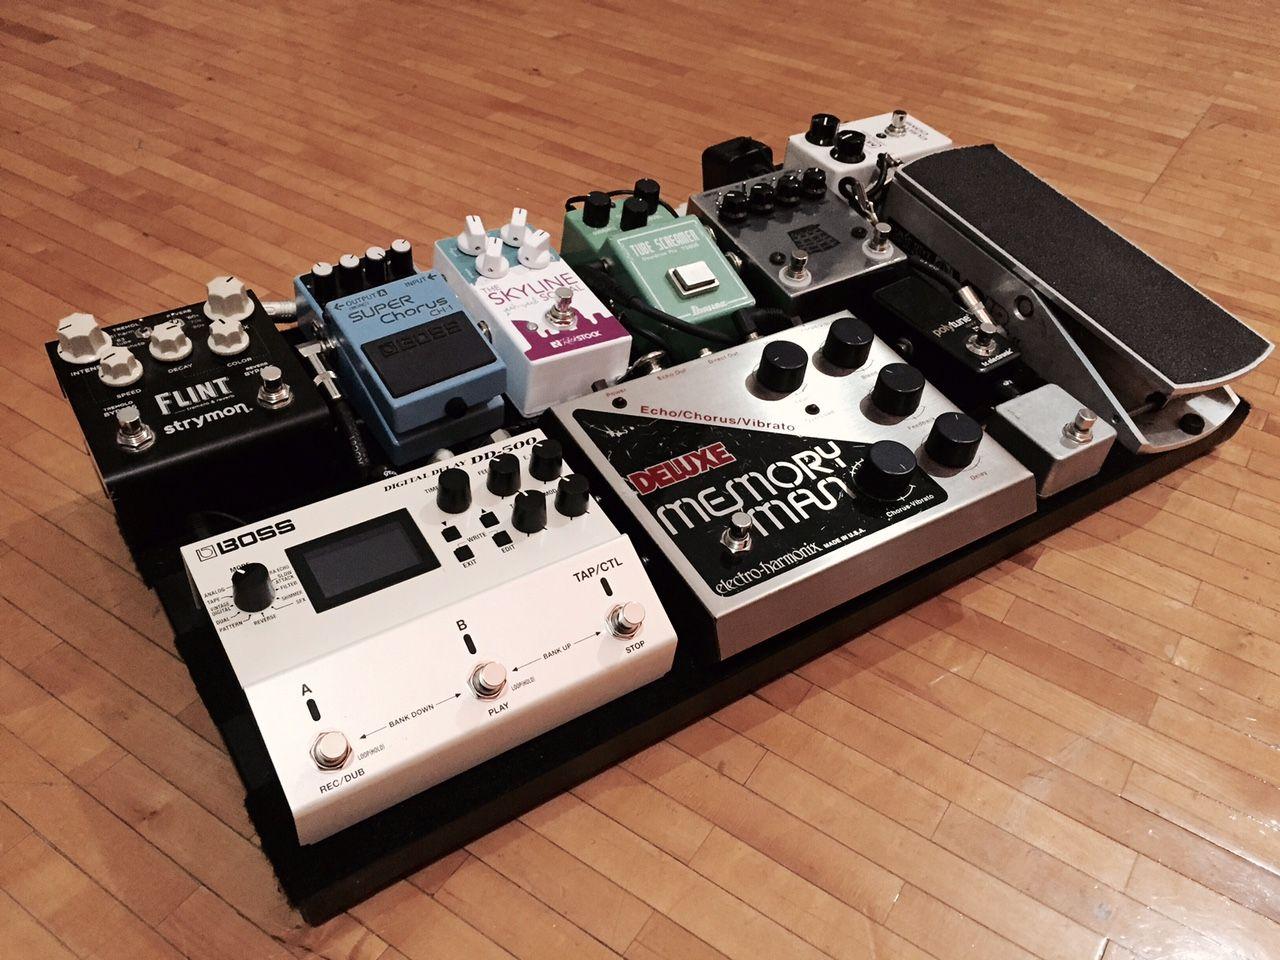 guitar pedalboard guitar pedalboards guitar guitar effects pedals guitar pedals. Black Bedroom Furniture Sets. Home Design Ideas